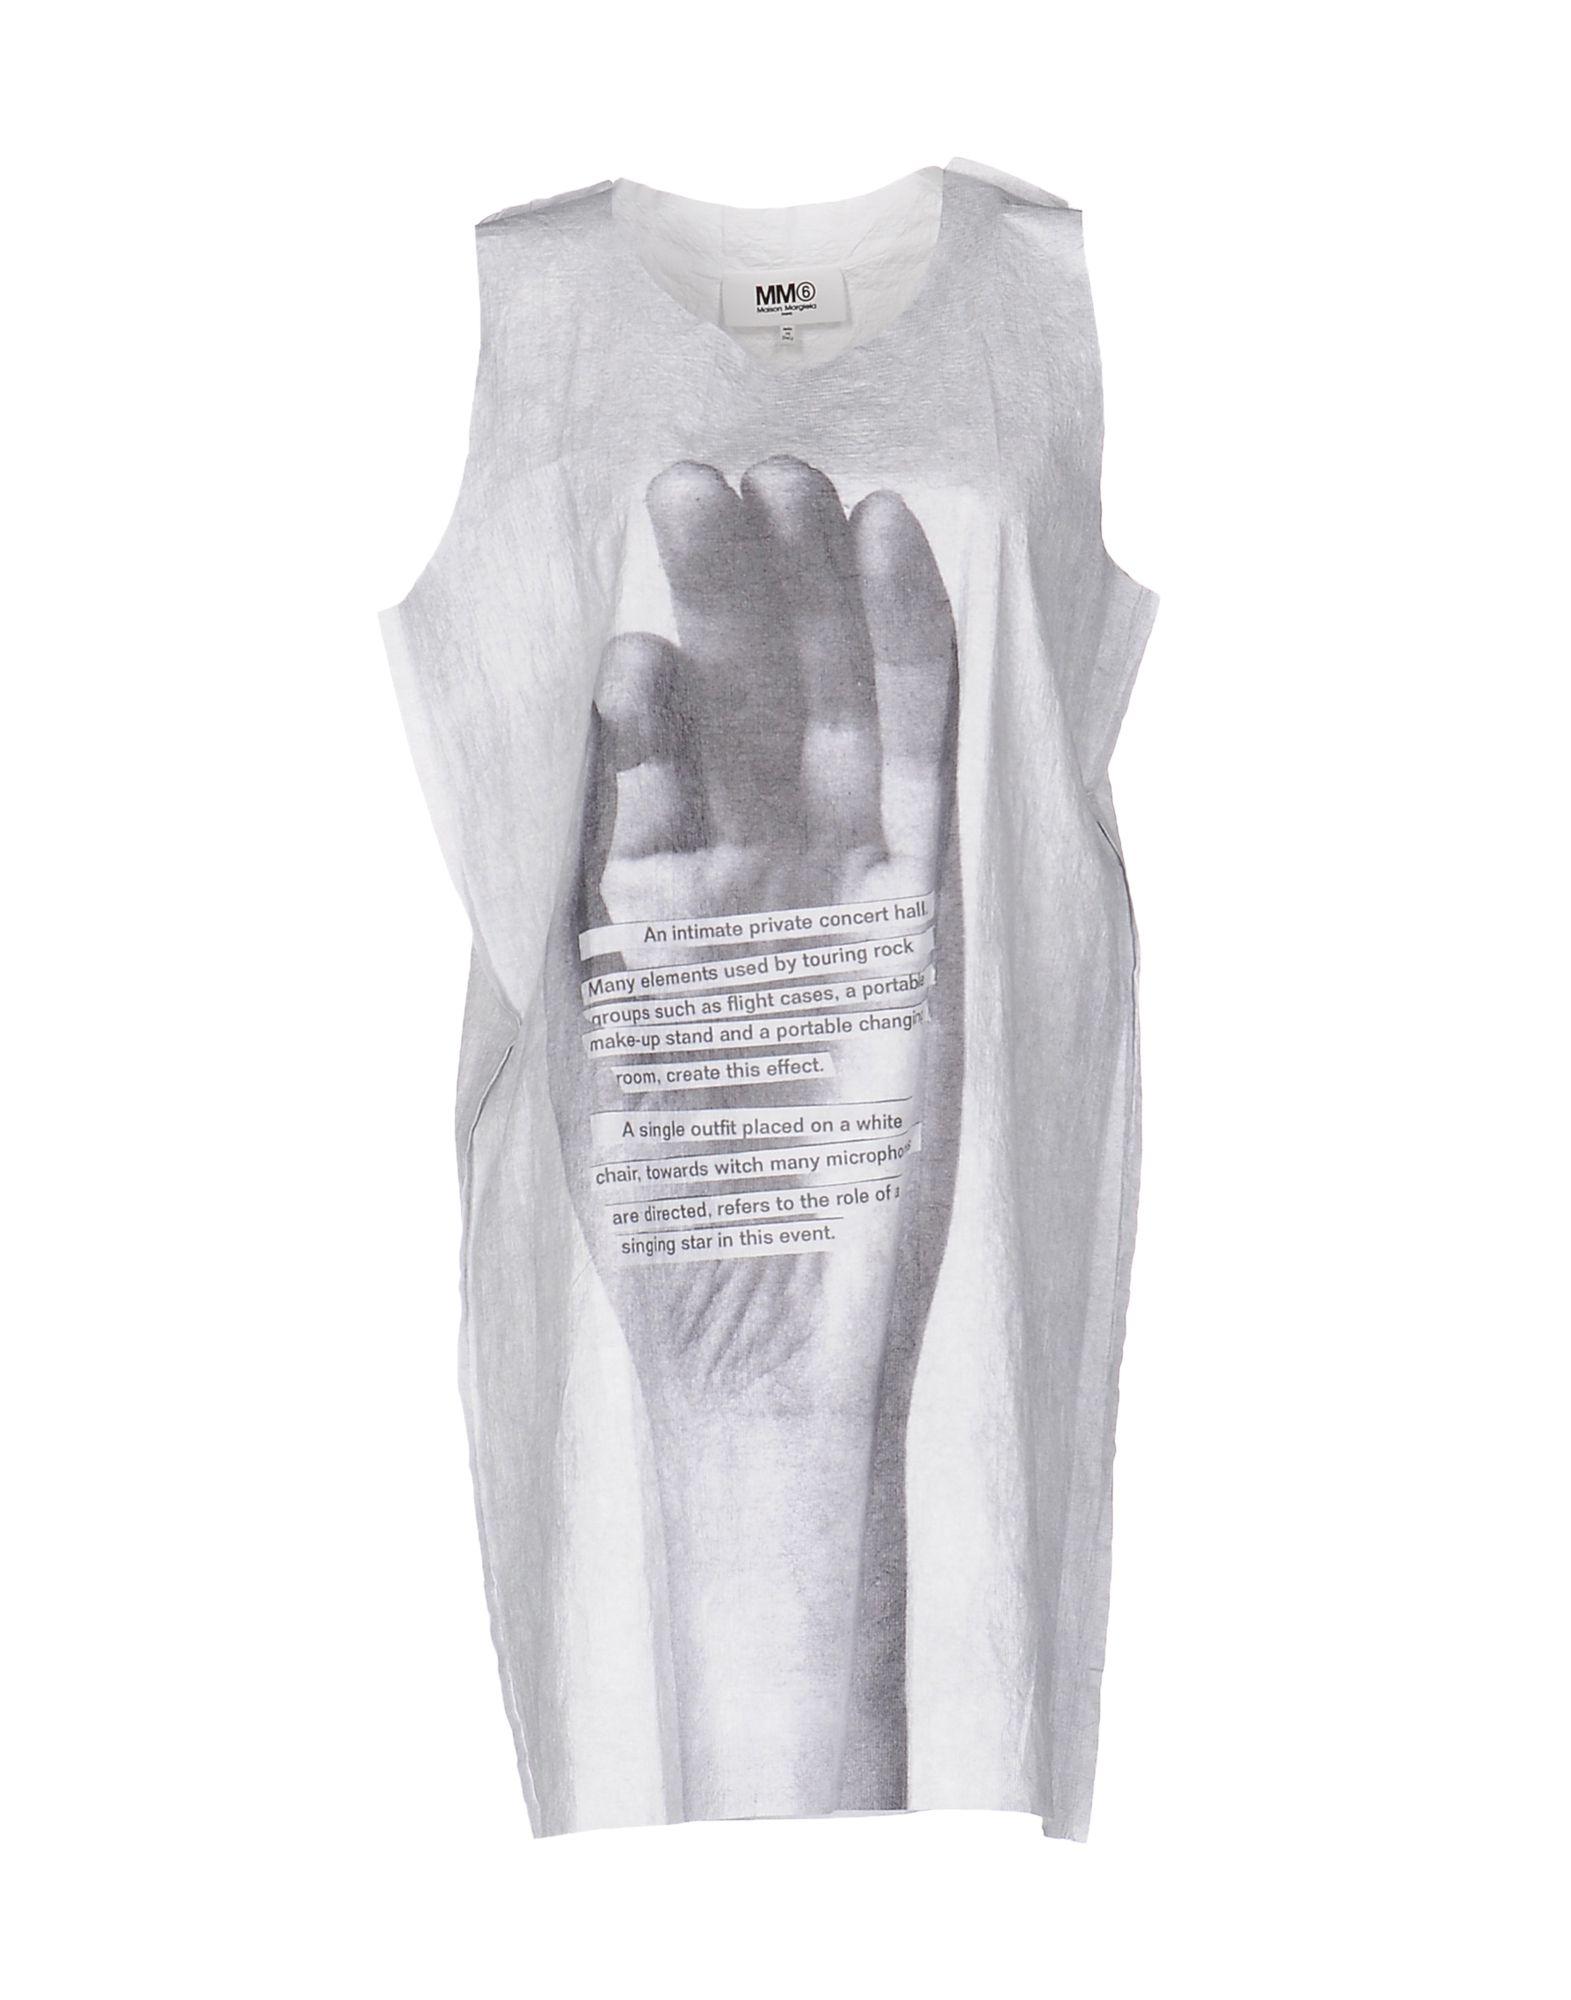 MM6 MAISON MARGIELA Damen Kurzes Kleid Farbe Weiß Größe 5 - broschei